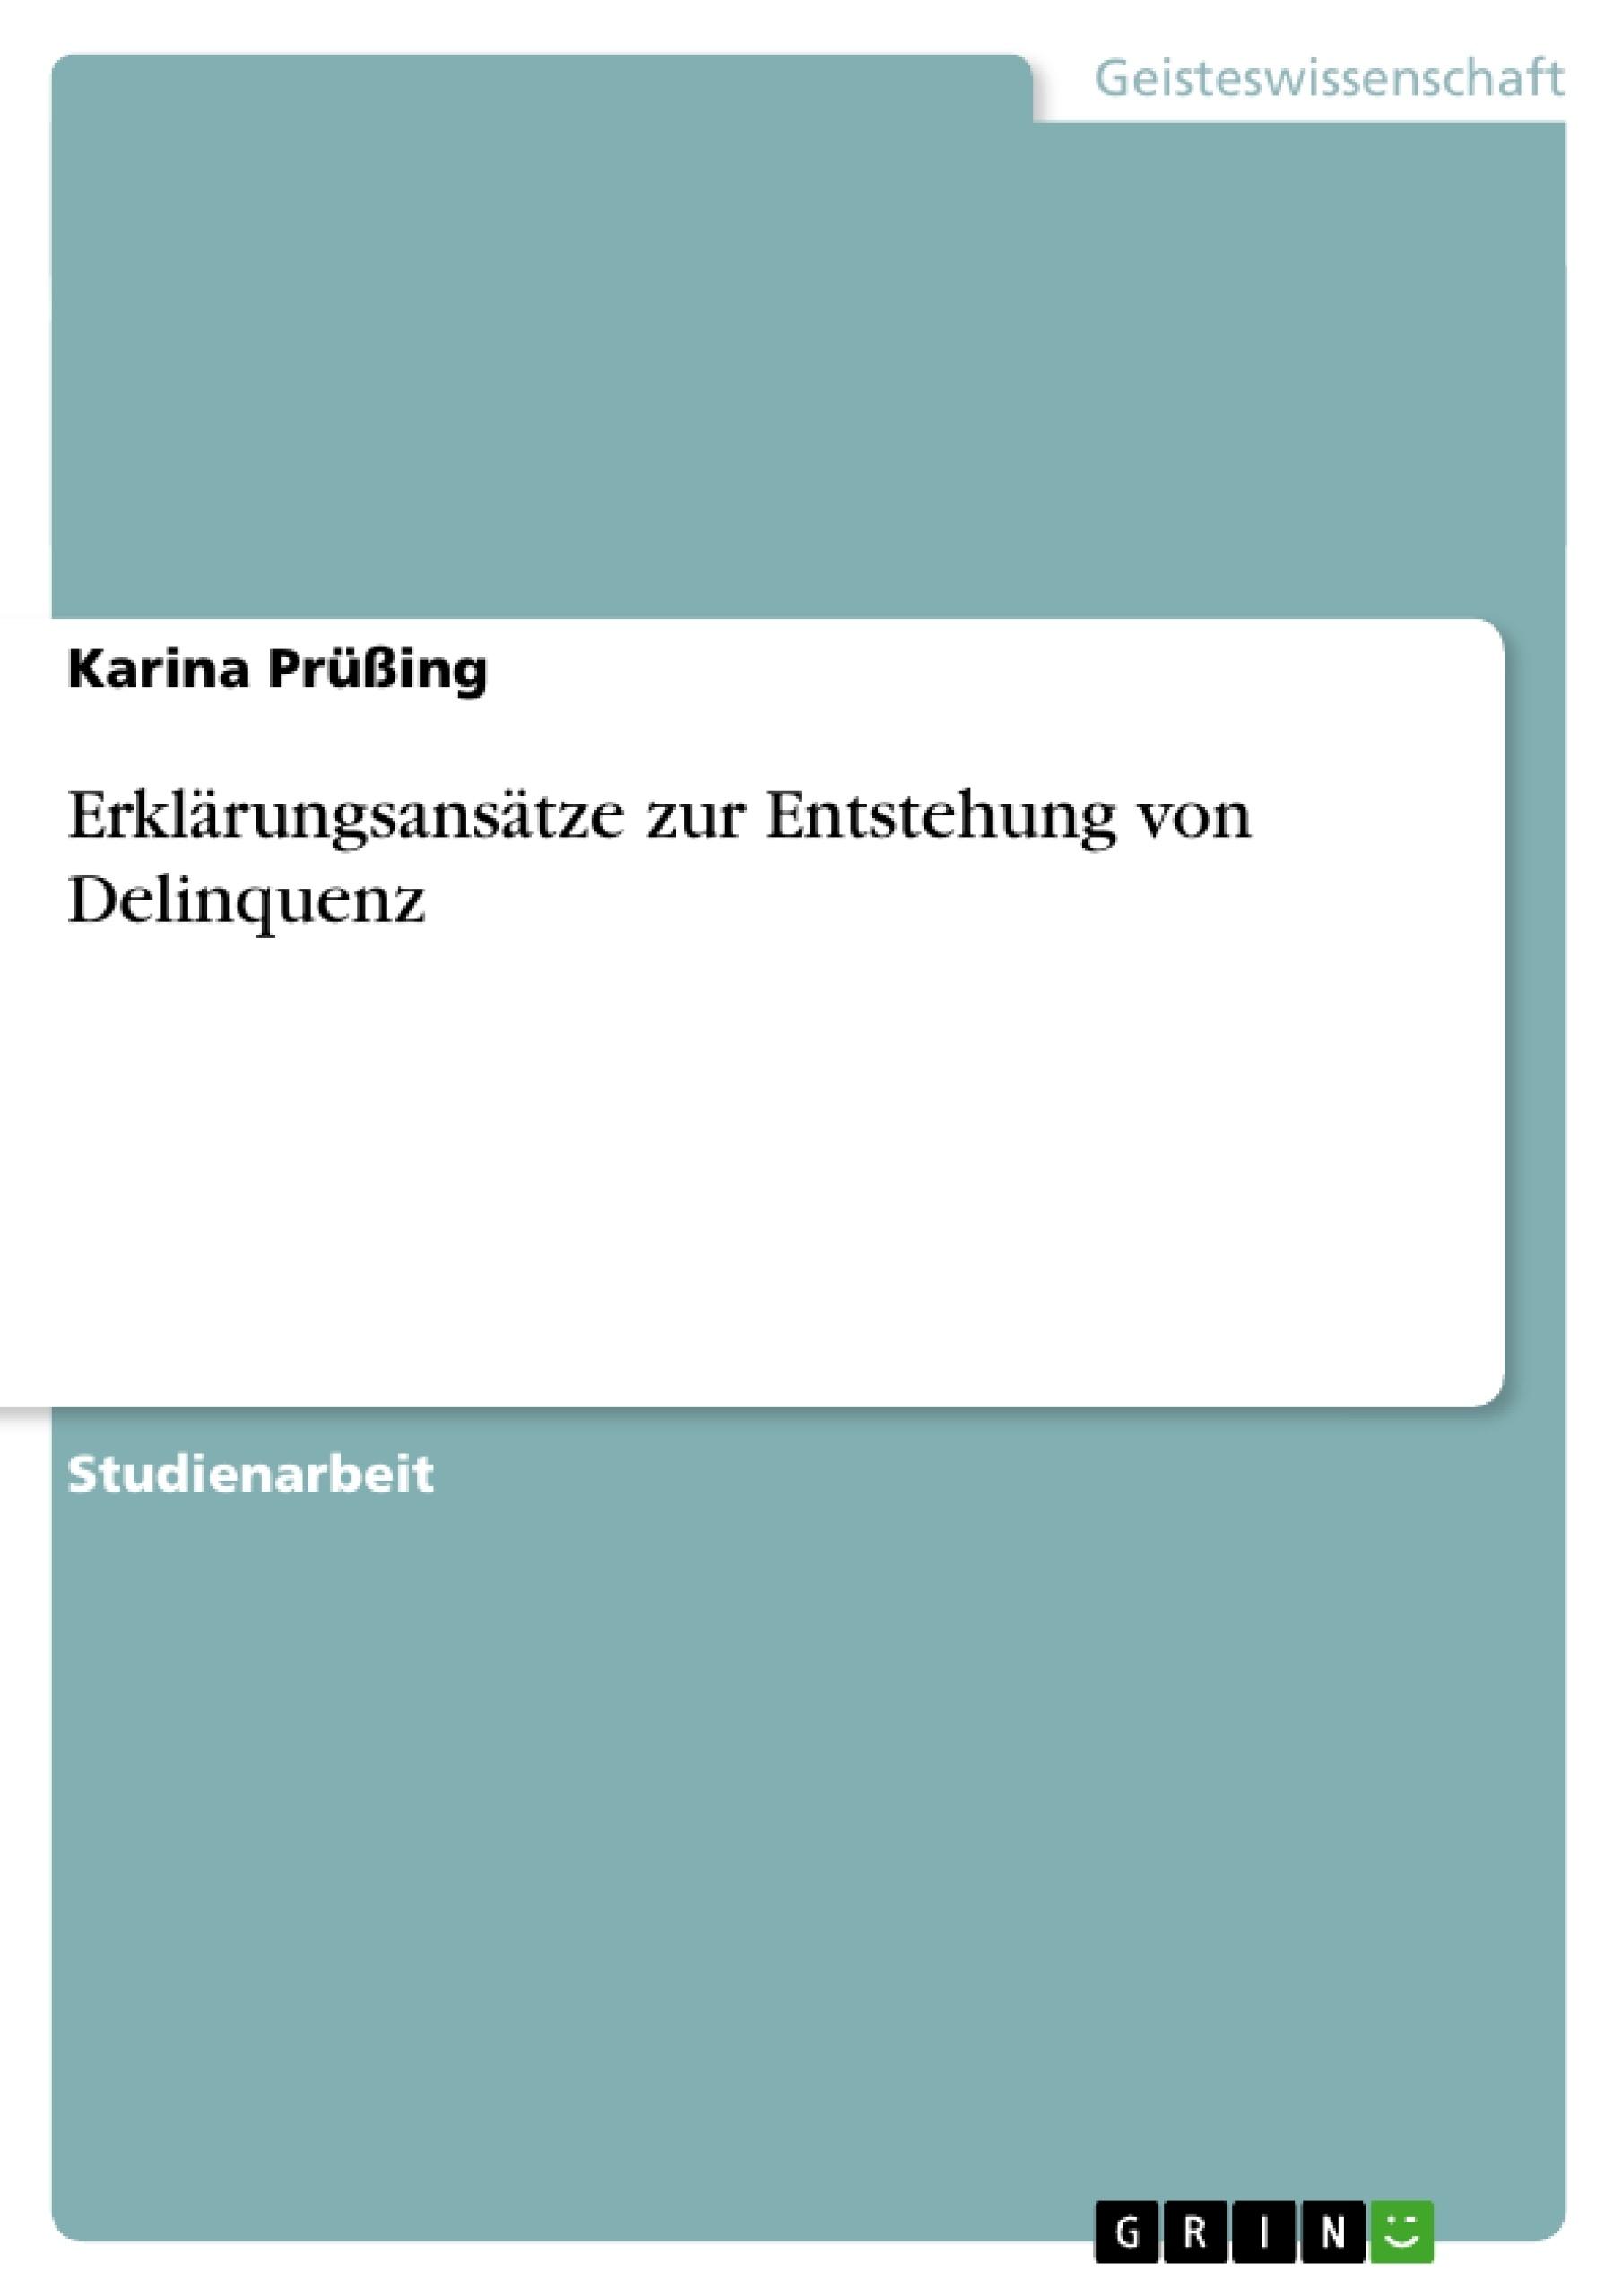 Titel: Erklärungsansätze zur Entstehung von Delinquenz